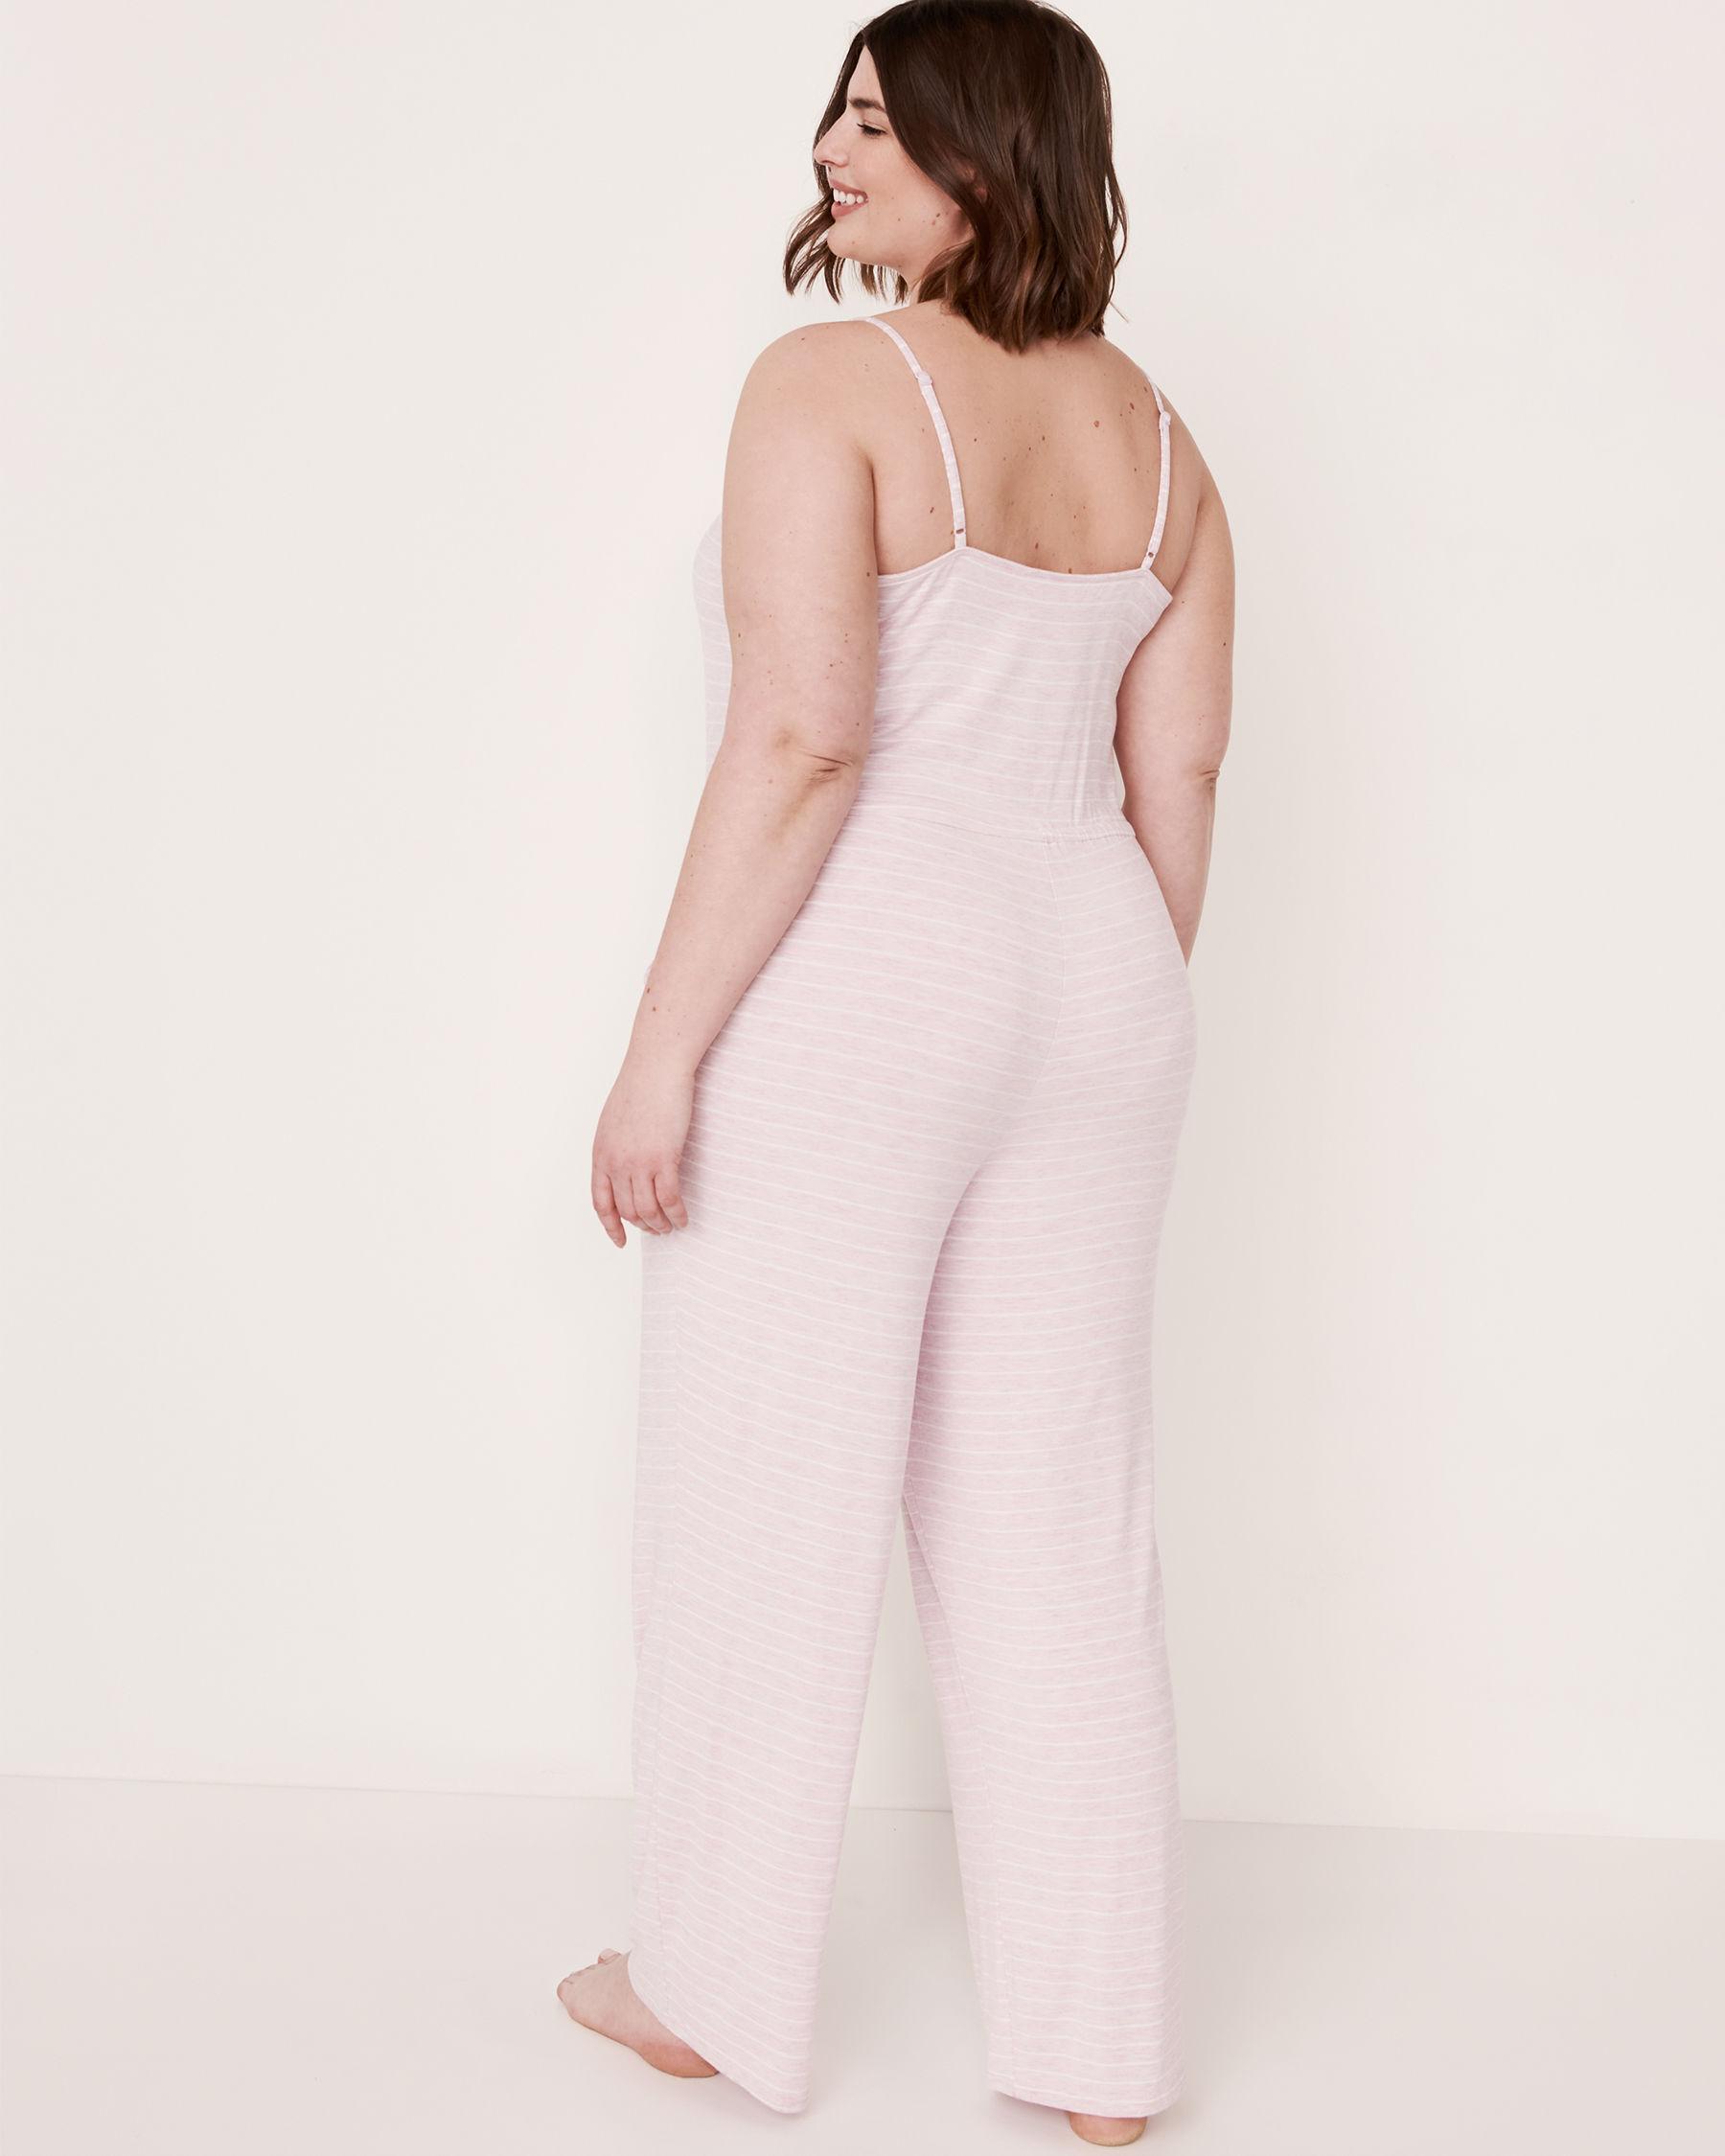 LA VIE EN ROSE Lace Trim Thin Straps Jumpsuit Stripes 50300003 - View2